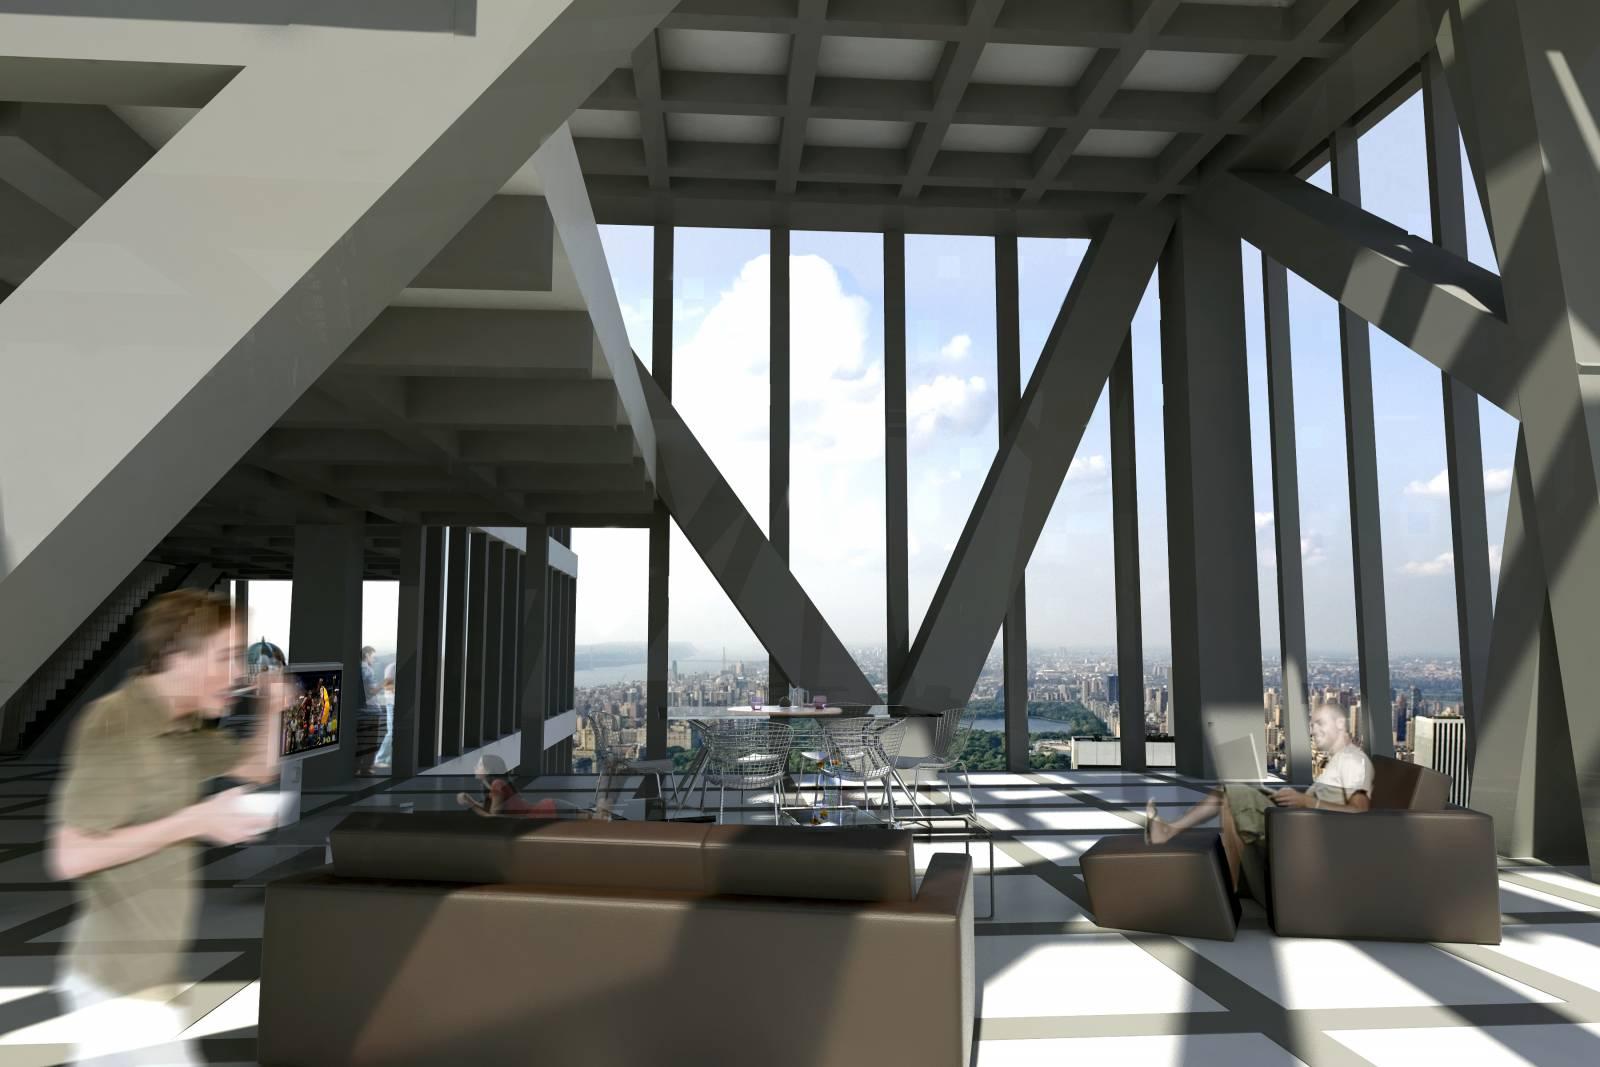 Tour de verre 53w53 ateliers jean nouvel for New york life building interior